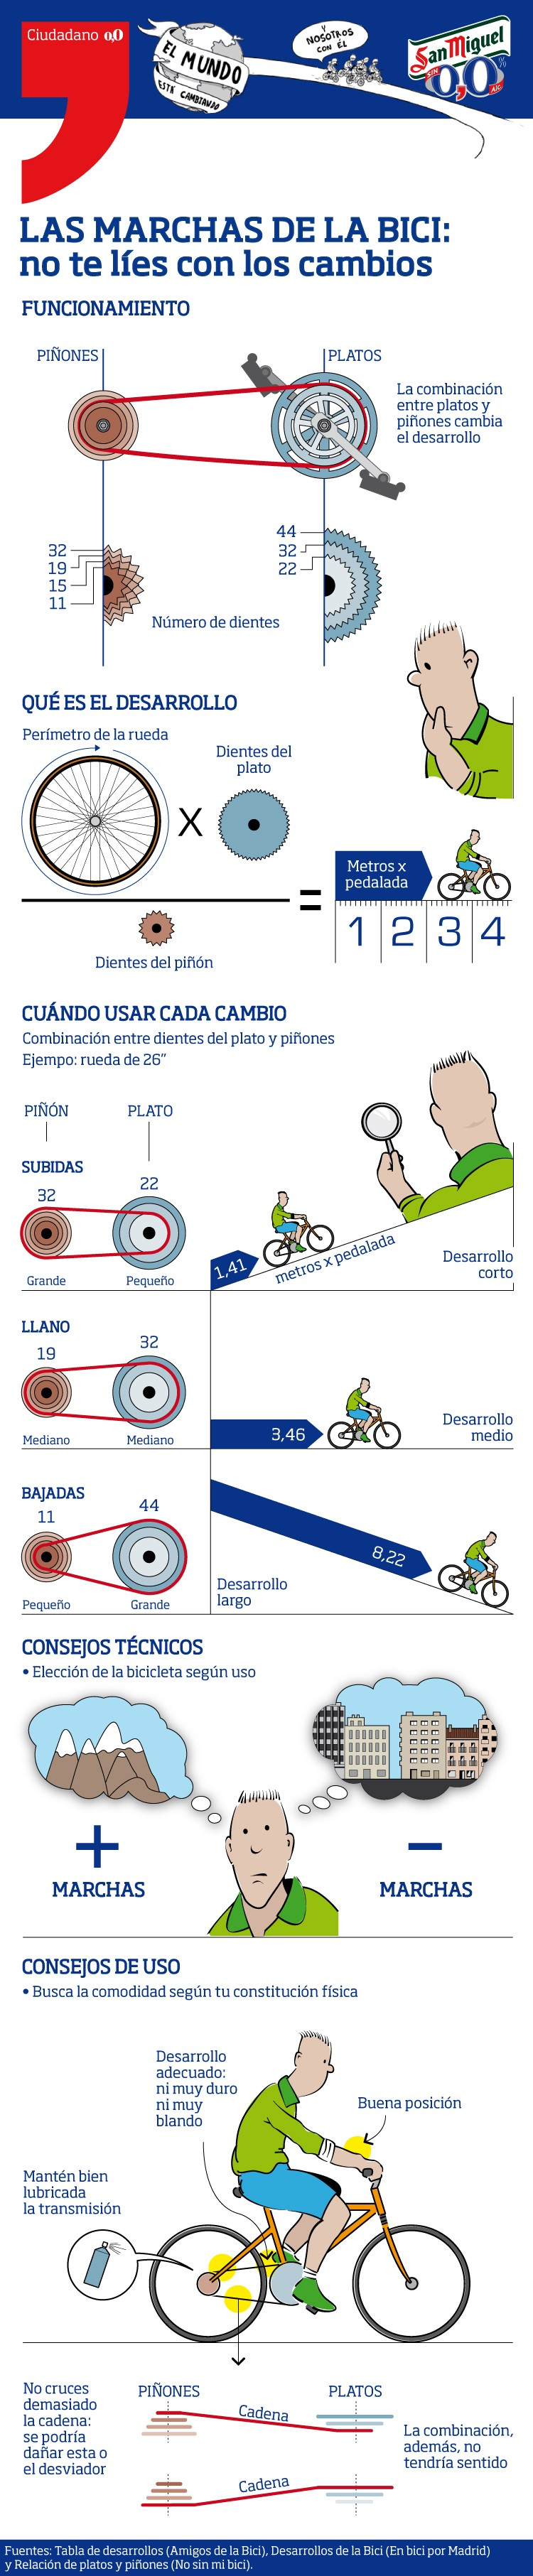 Usuario de la bici en España